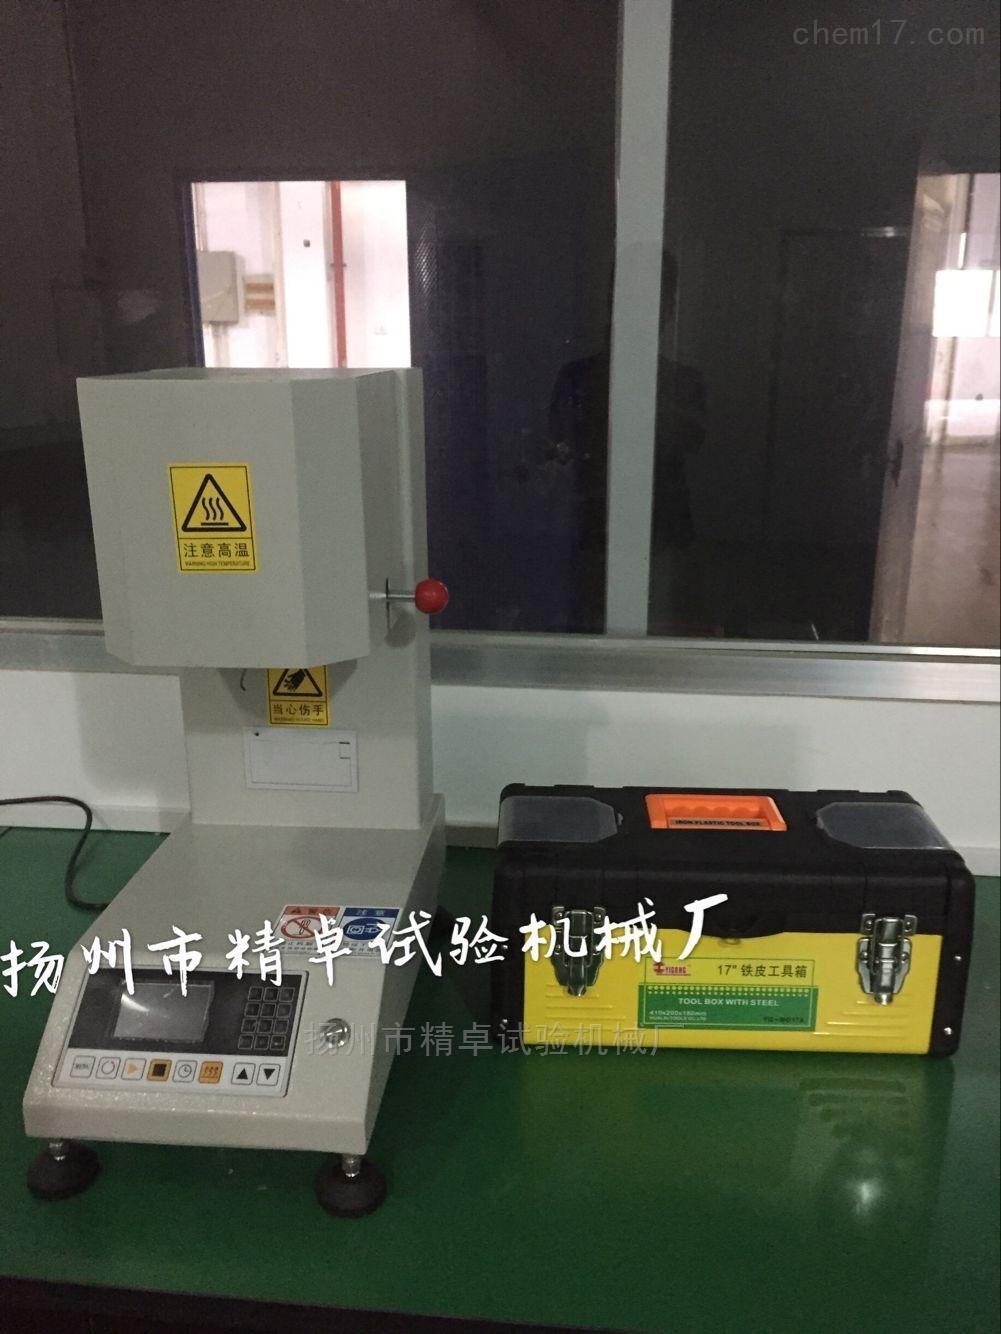 塑料流动速率检测仪